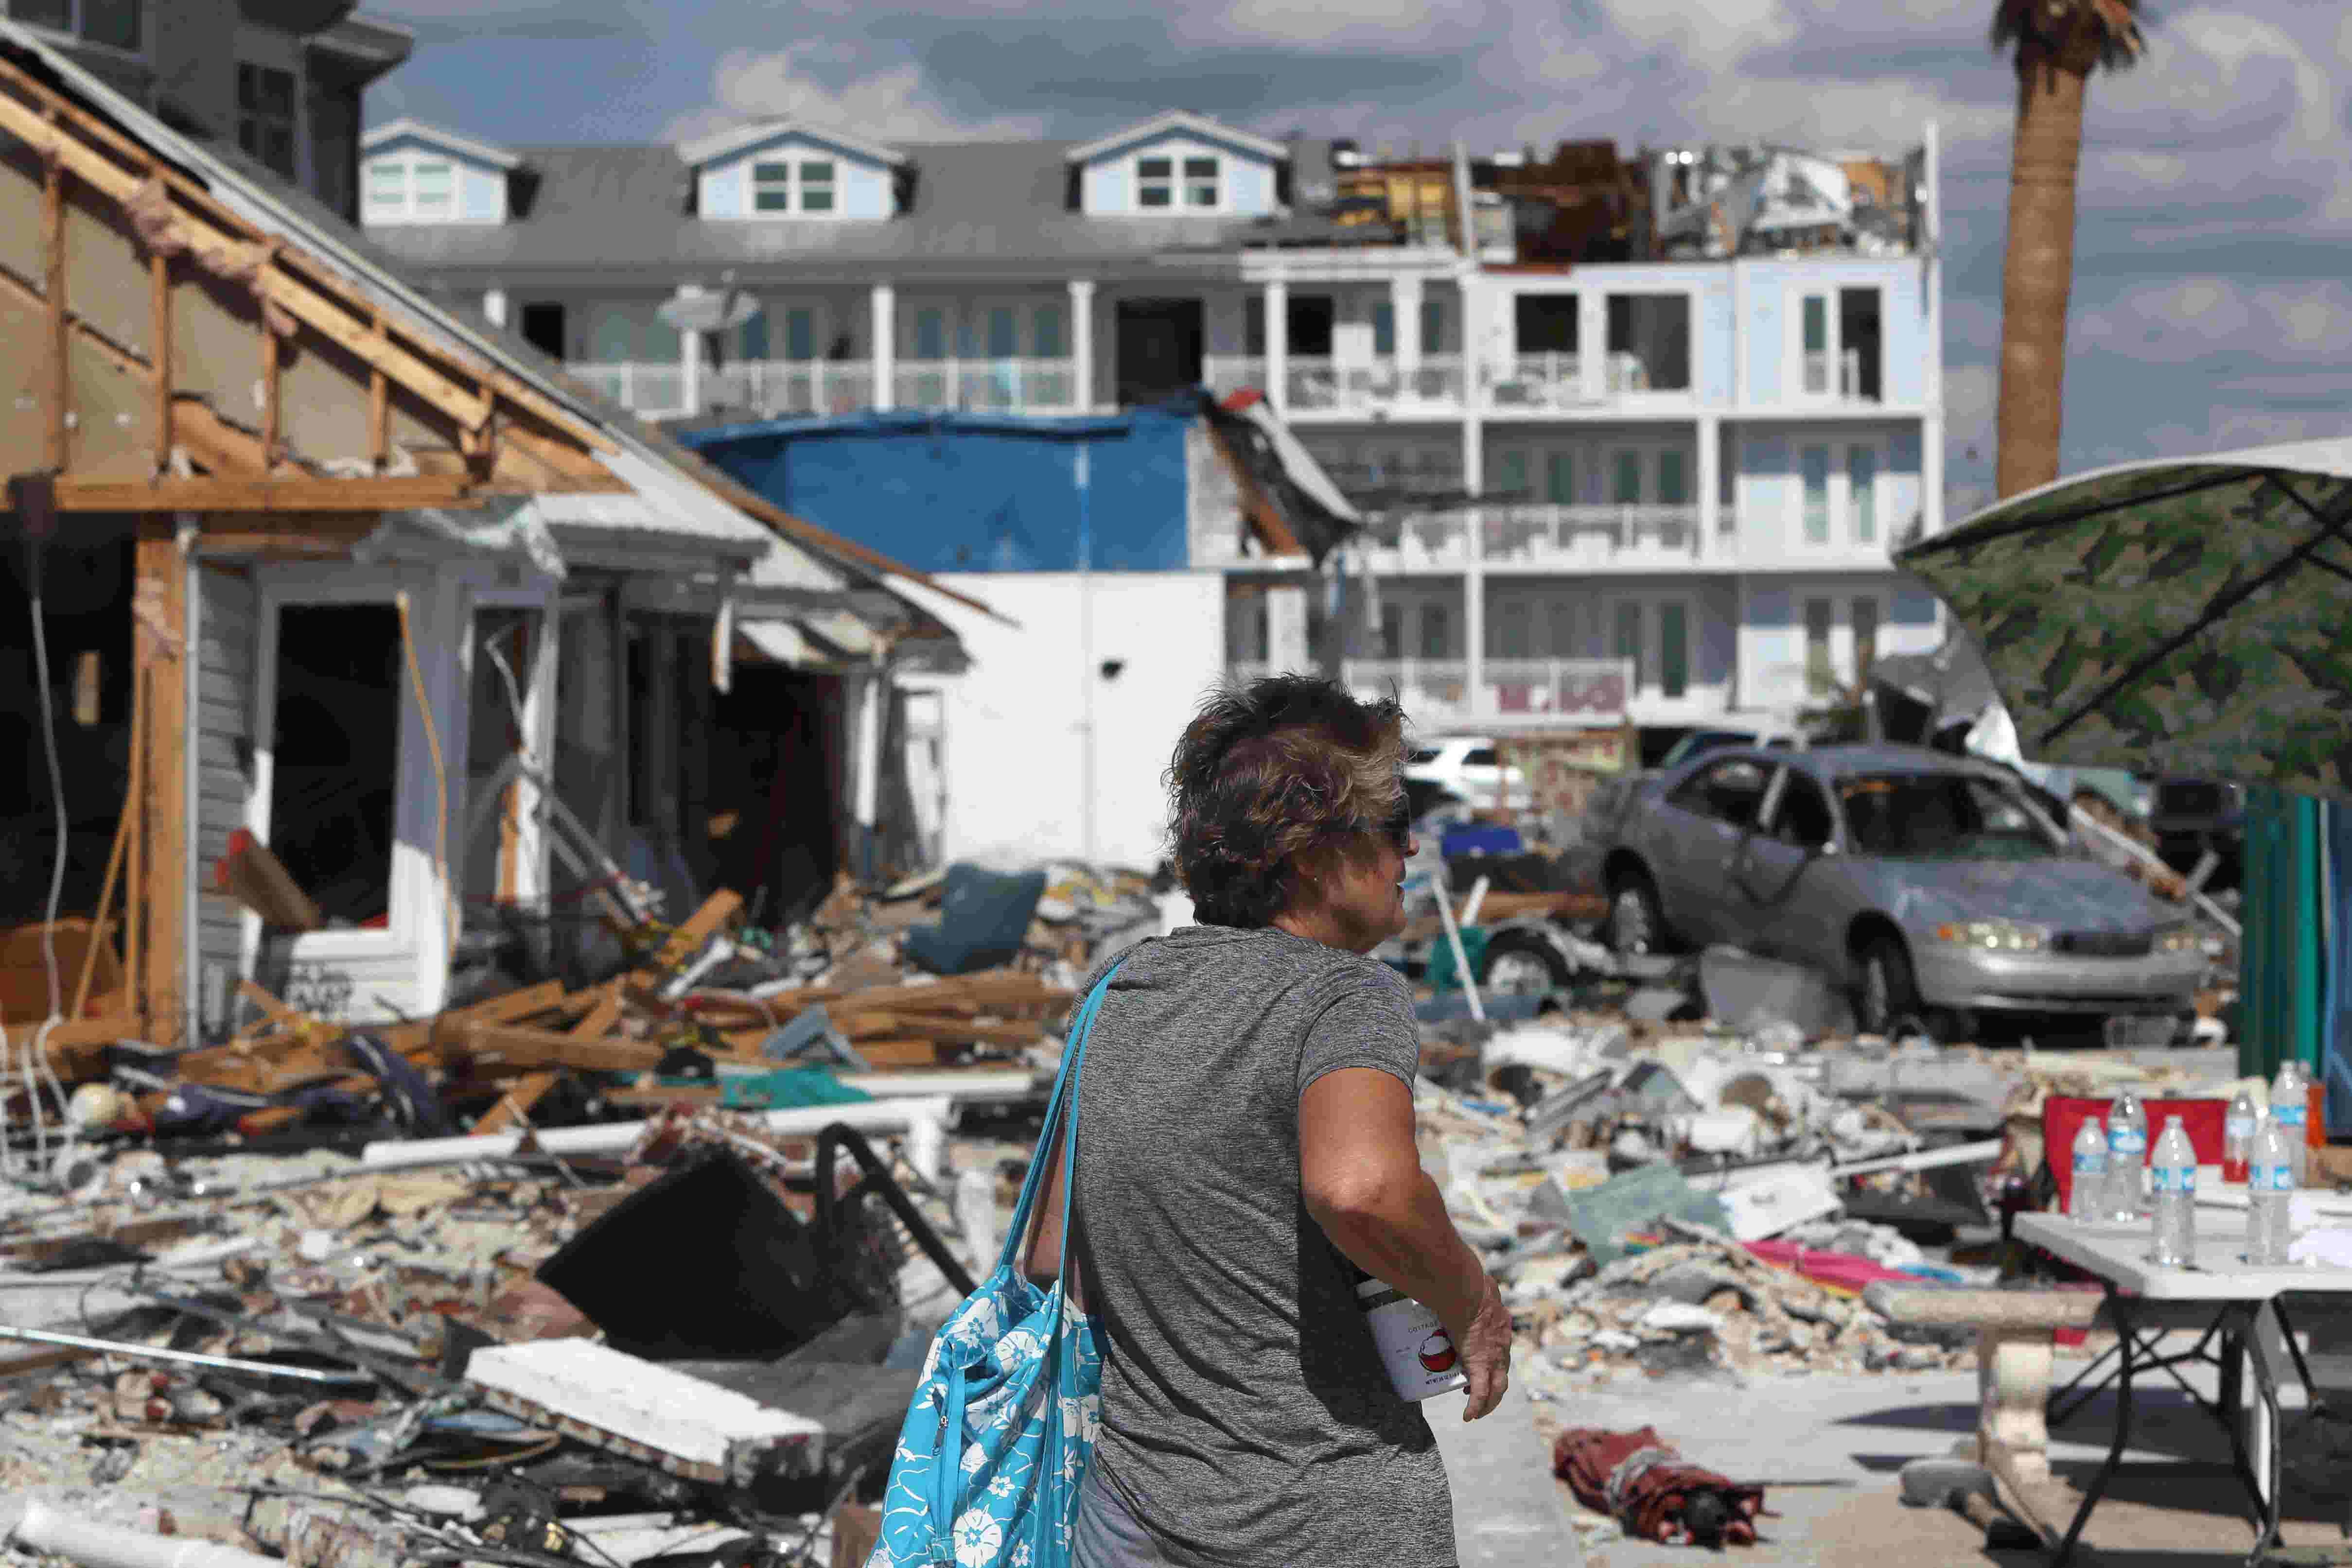 Hurricane Michael's path of destruction through Mexico Beach